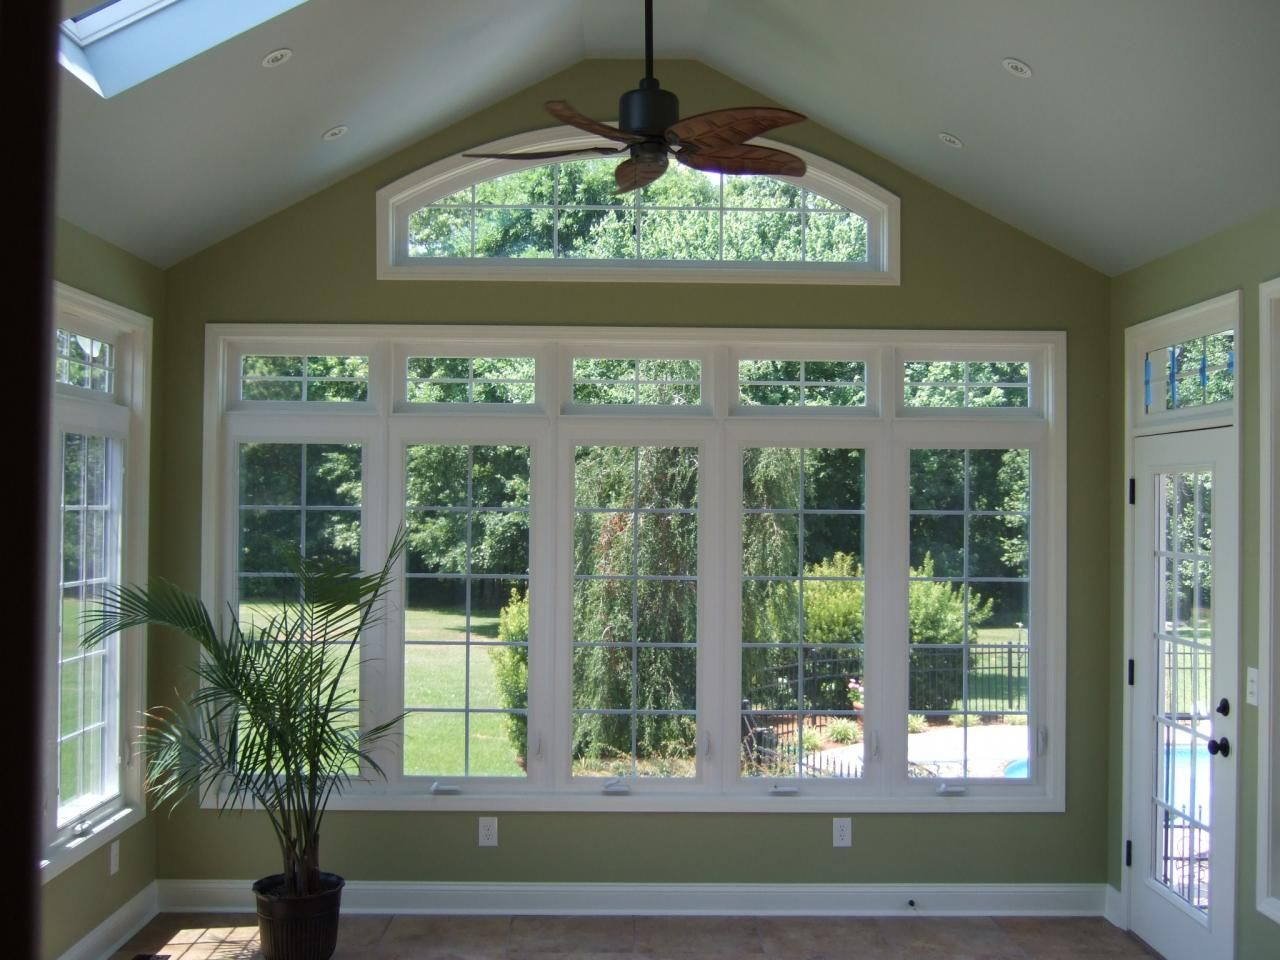 Window ideas for a sunroom  sun rooms  peak builders inc  additions u sunrooms  sunrooms